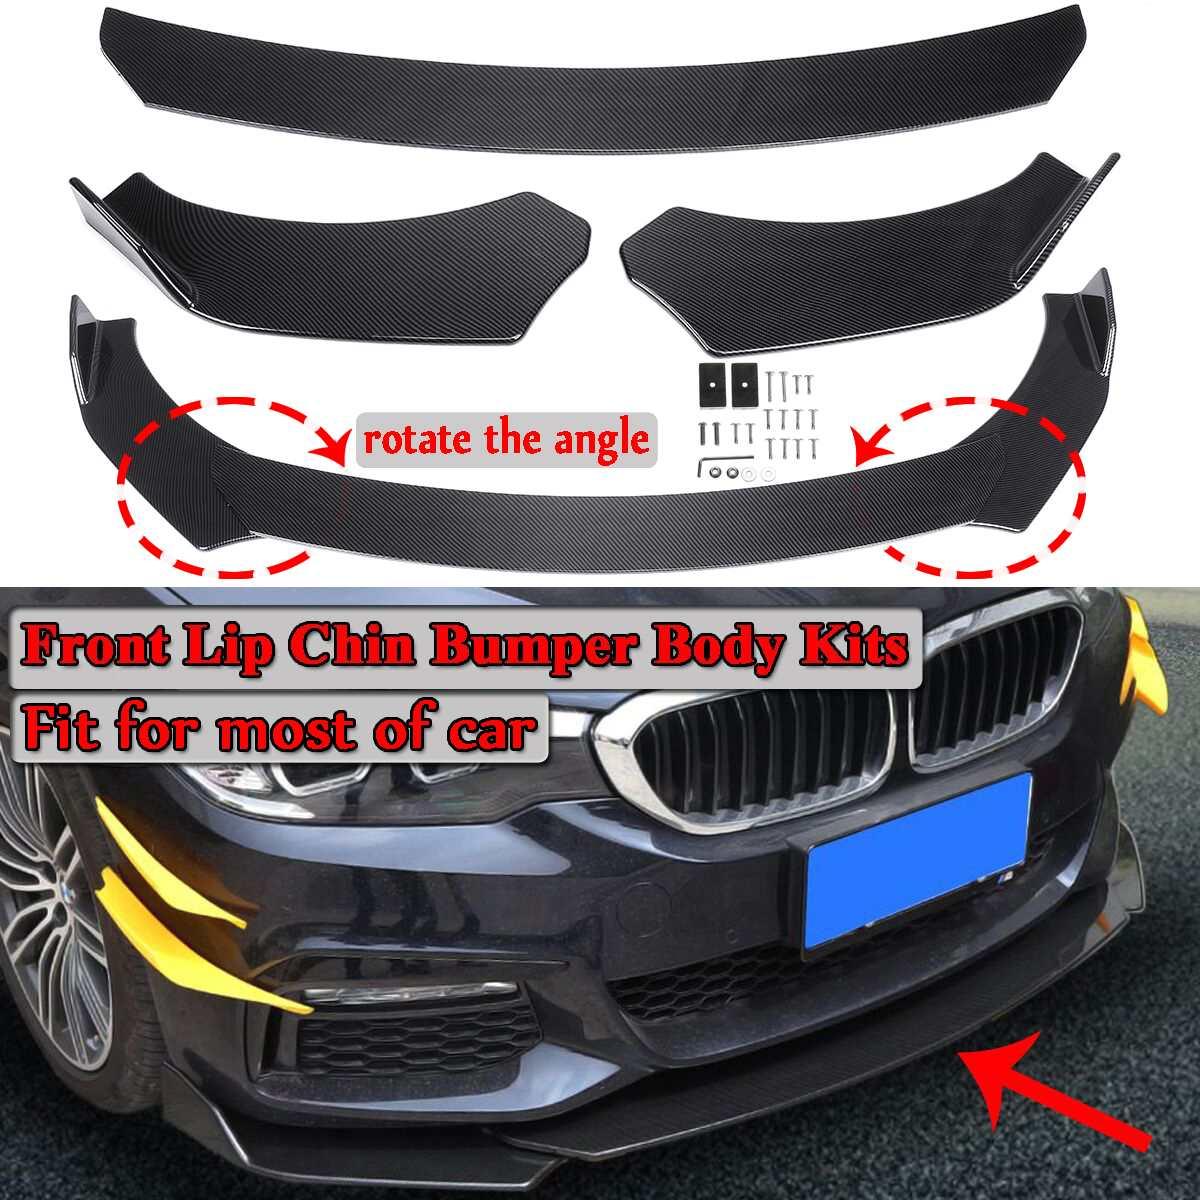 סיבי פחמן מראה/שחור חזית פגוש שפתיים גוף ערכות ספליטר מפזר עבור BMW לנץ לאאודי עבור פולקסווגן עבור סובארו